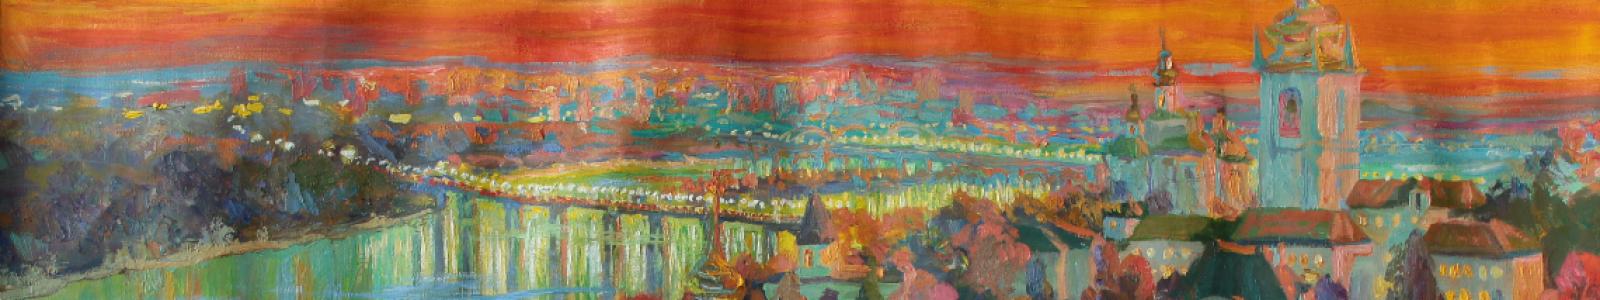 Gallery Painter Illia Yarovyi